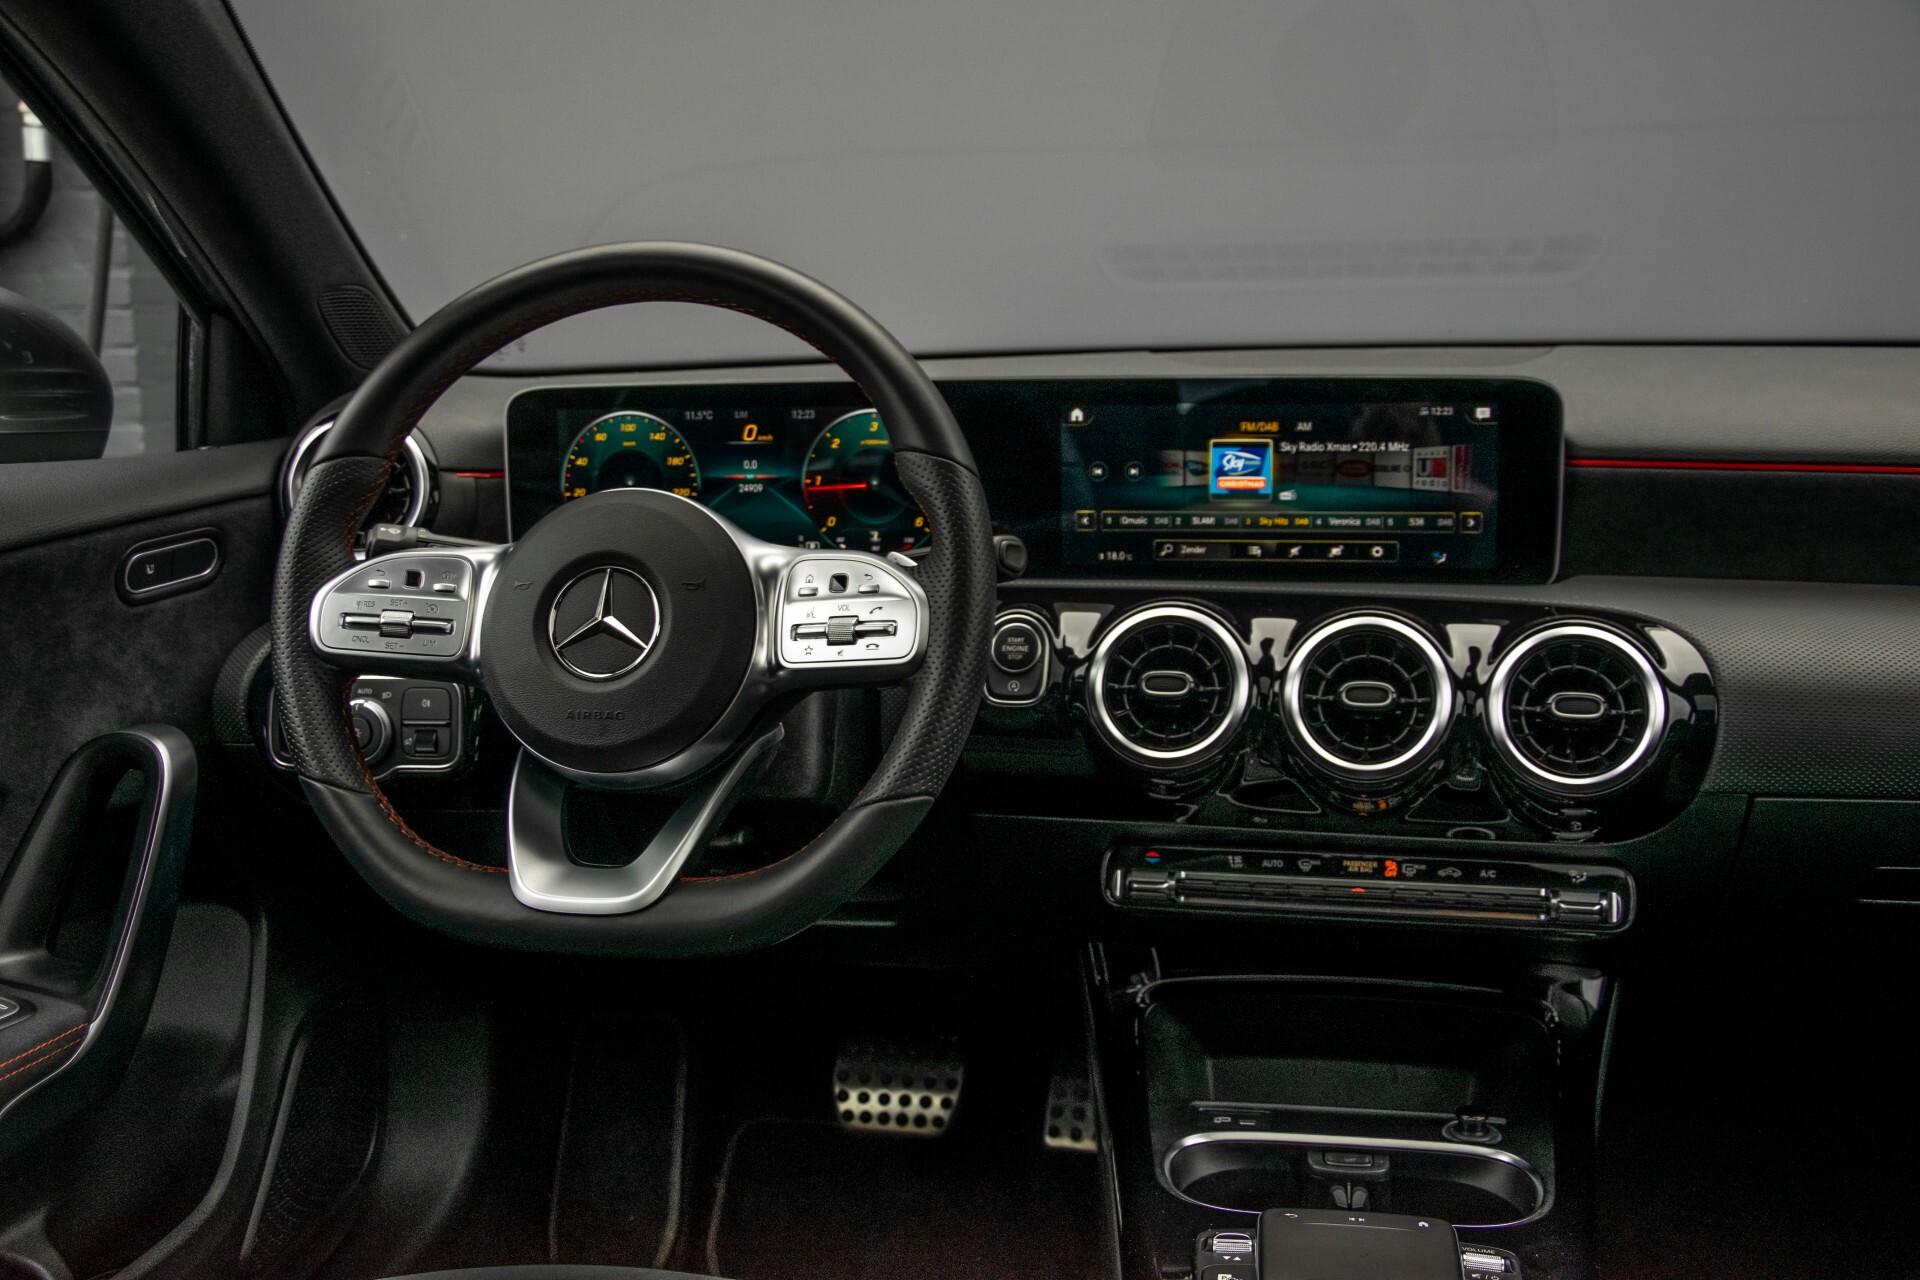 Mercedes-Benz A-Klasse 180 d AMG Panorama/MBUX/DAB/LED Aut7 Foto 6